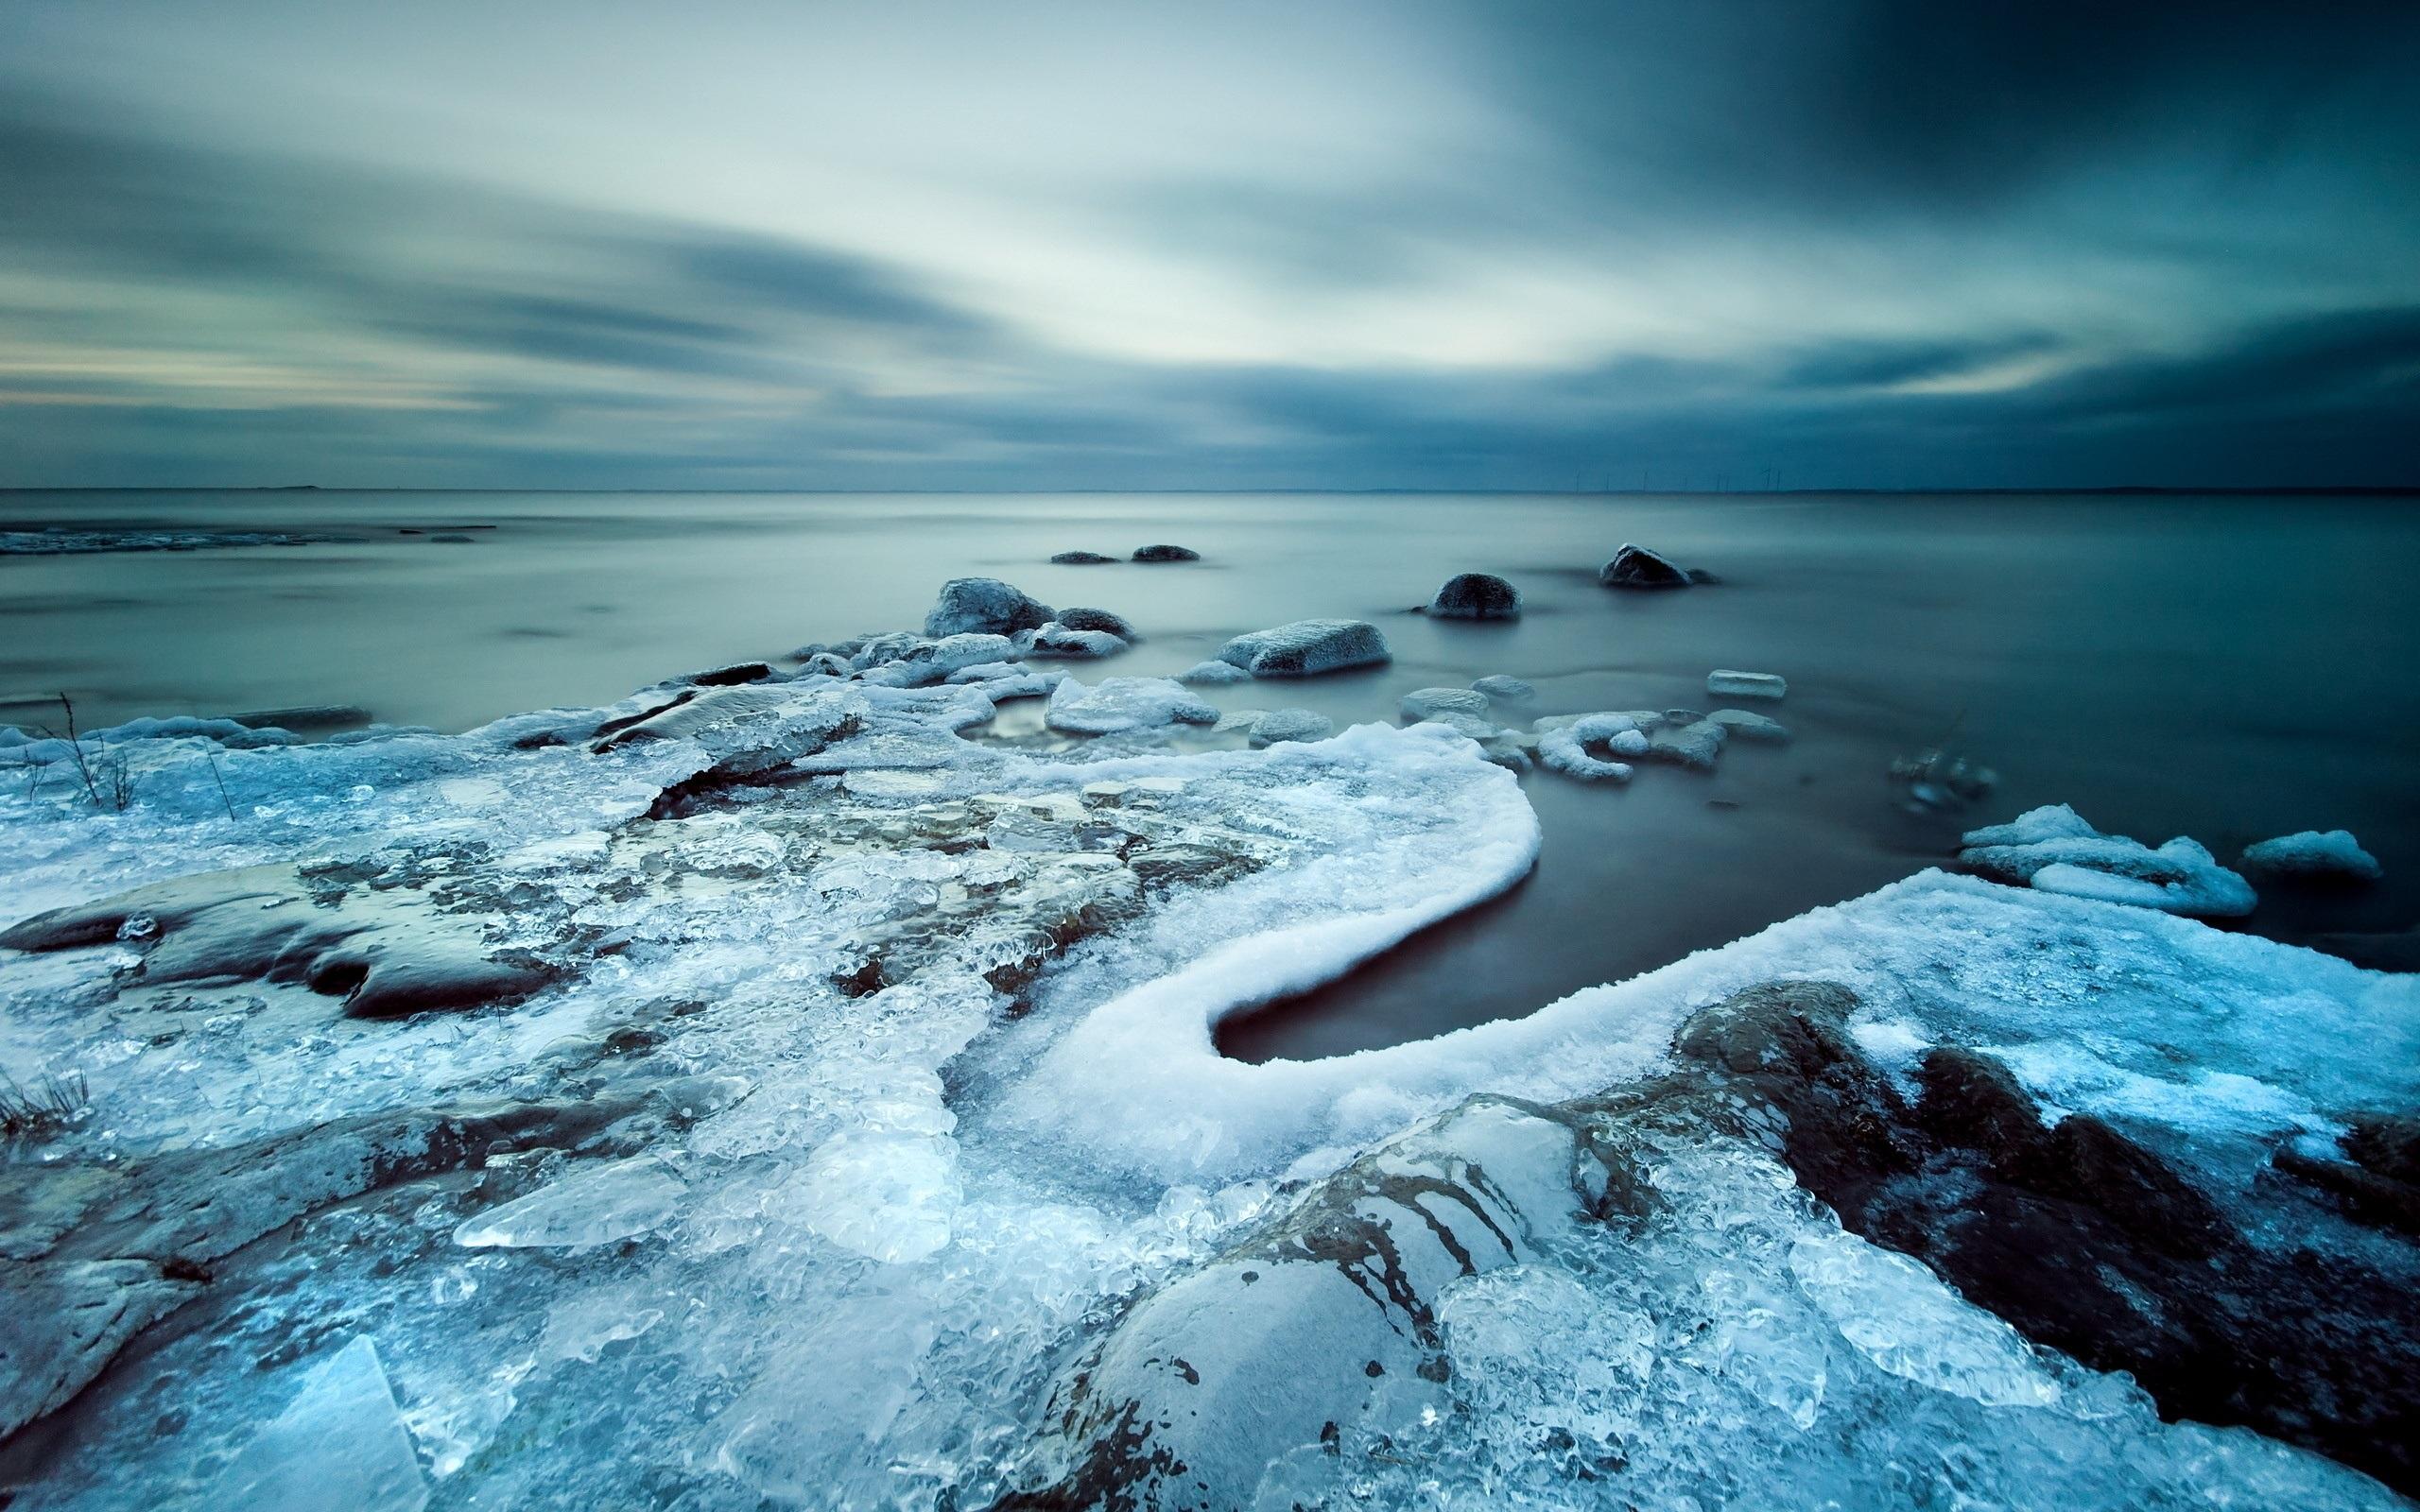 природа камни море побережье скалы зима снег скачать